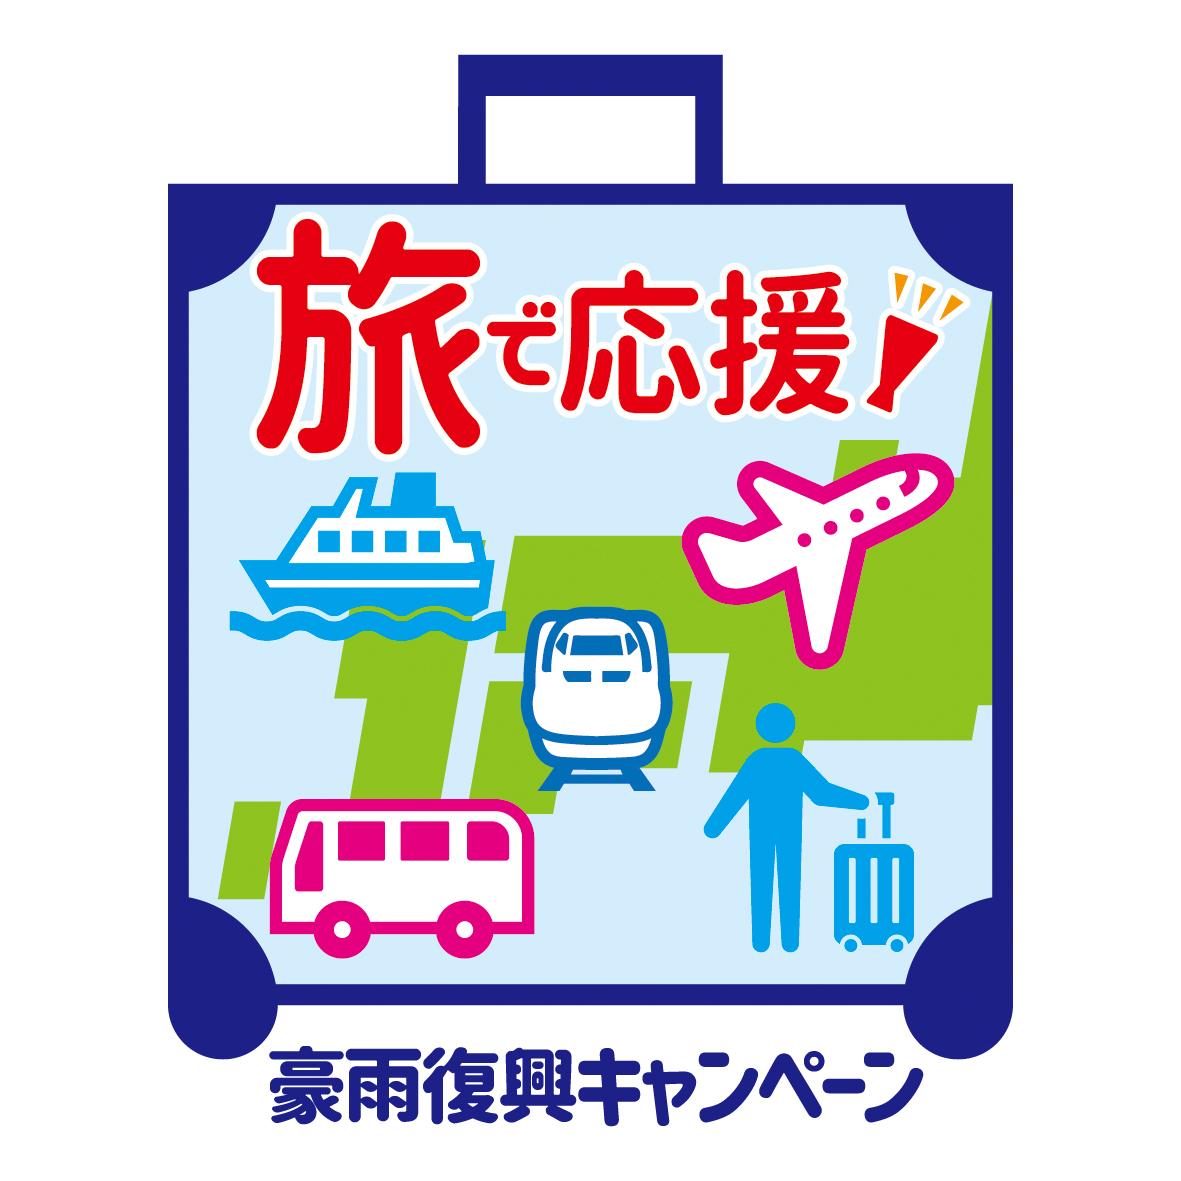 観光で西日本を元気に!!「13府県ふっこう周遊割」プラン◎朝食付◎